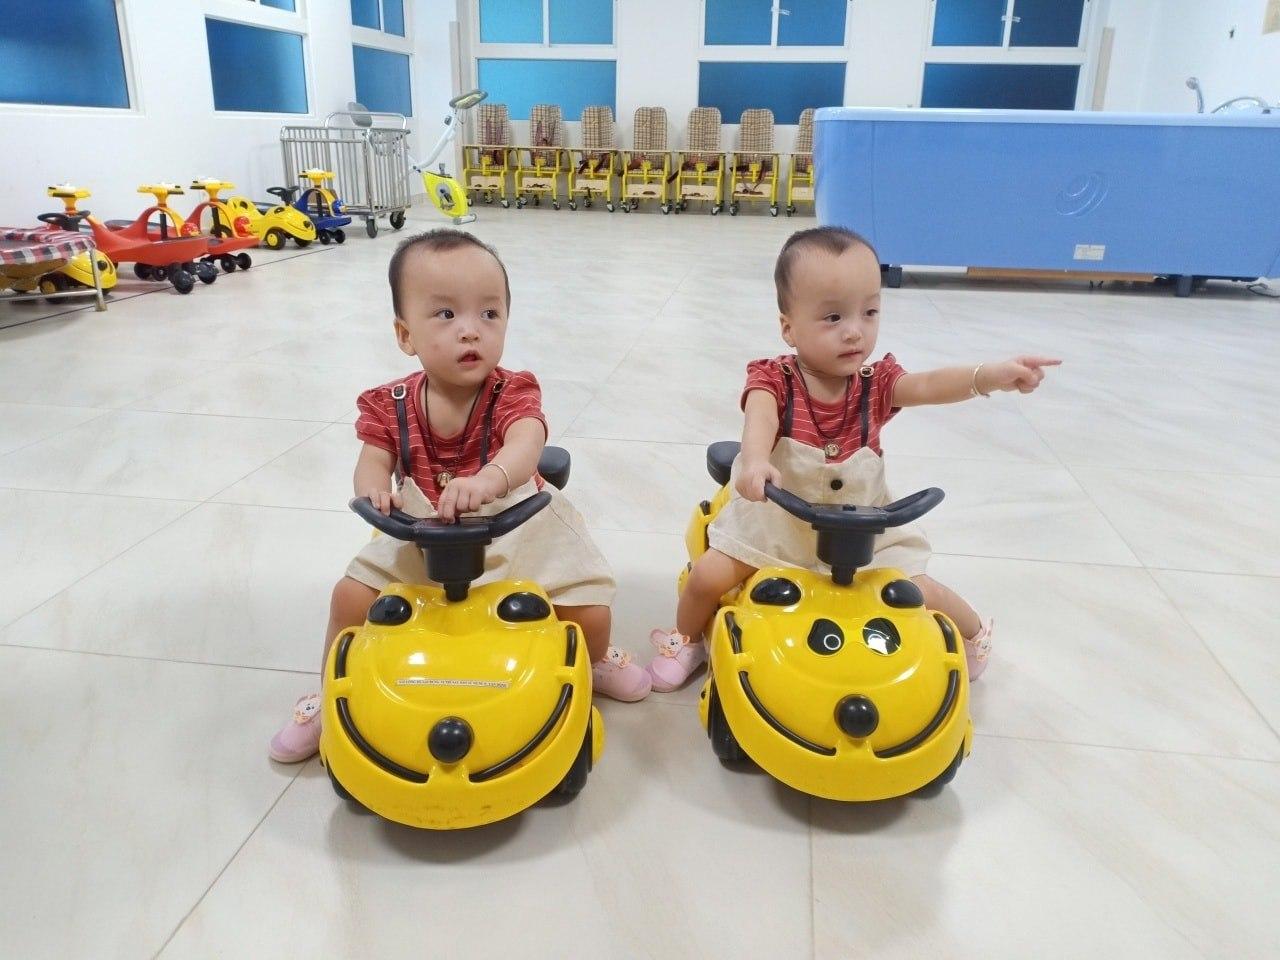 Sau 15 ngày xuất viện, Song Nhi trở lại tái khám, 'đua xe' vui vẻ và mừng hết cỡ khi gặp lại các y bác sĩ 6